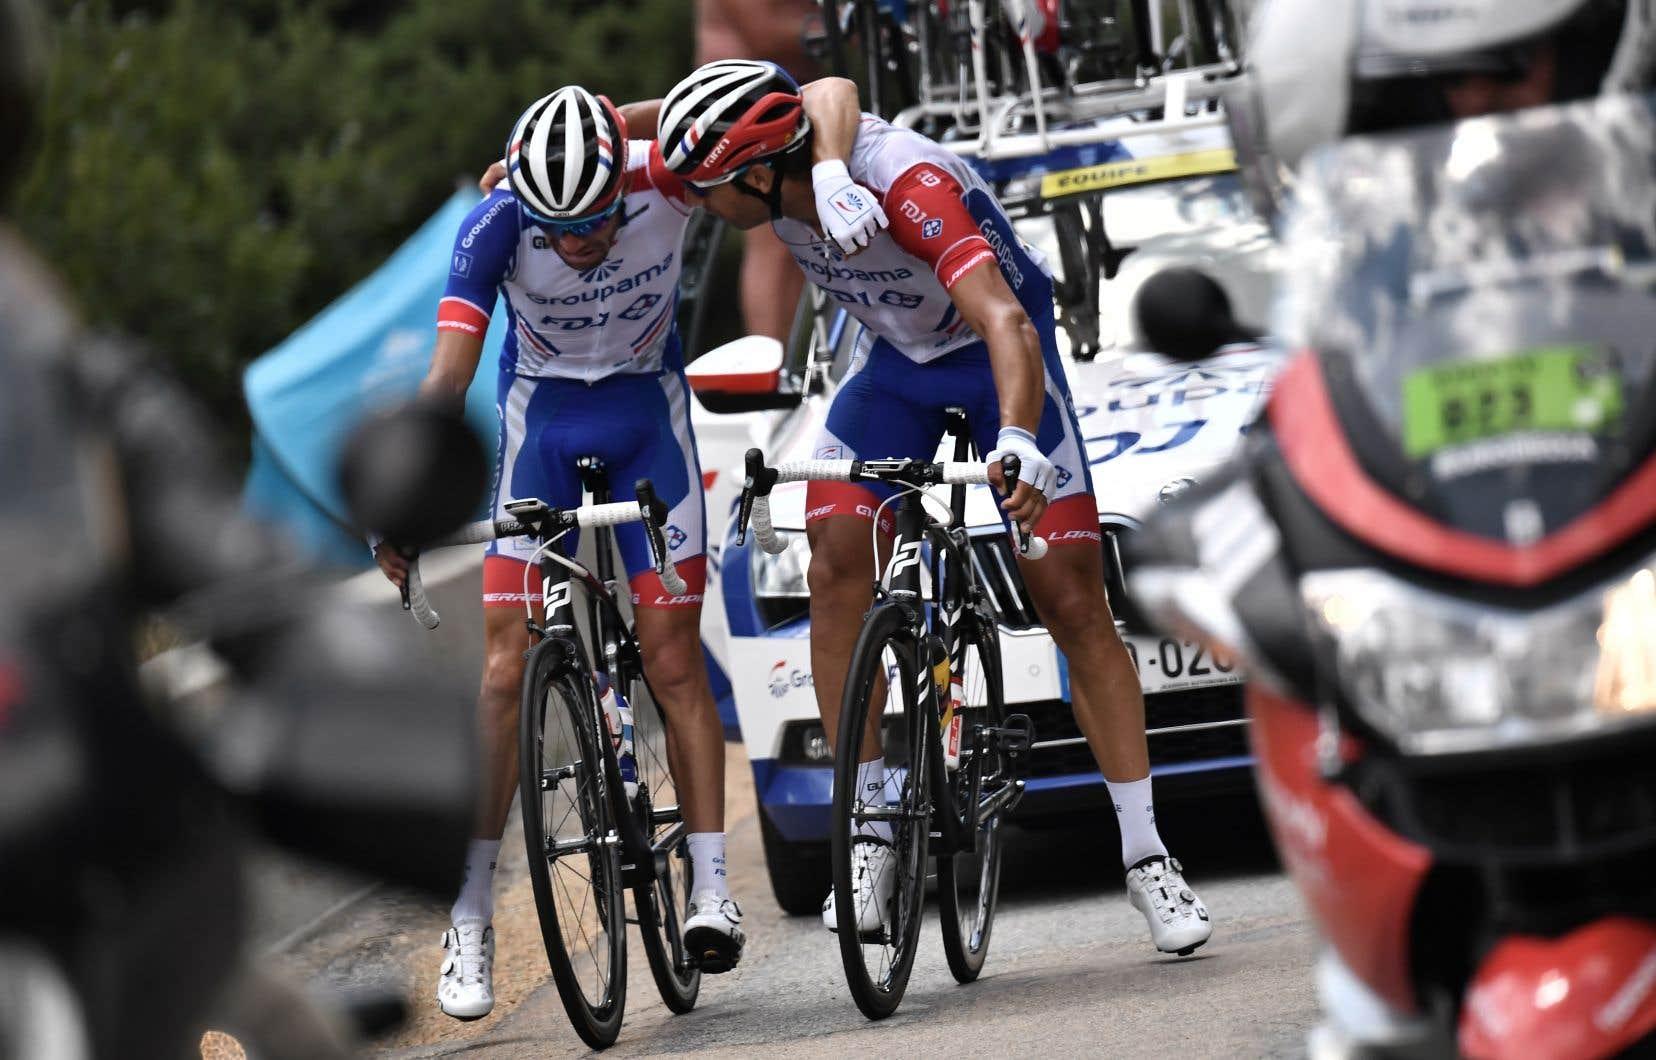 Le Français Thibaut Pinot était censé être favorisé par le parcours, ponctué de nombreuses ascensions très abruptes, mais il a dû abandonner le Tour à la 19e étape à cause d'une blessure.